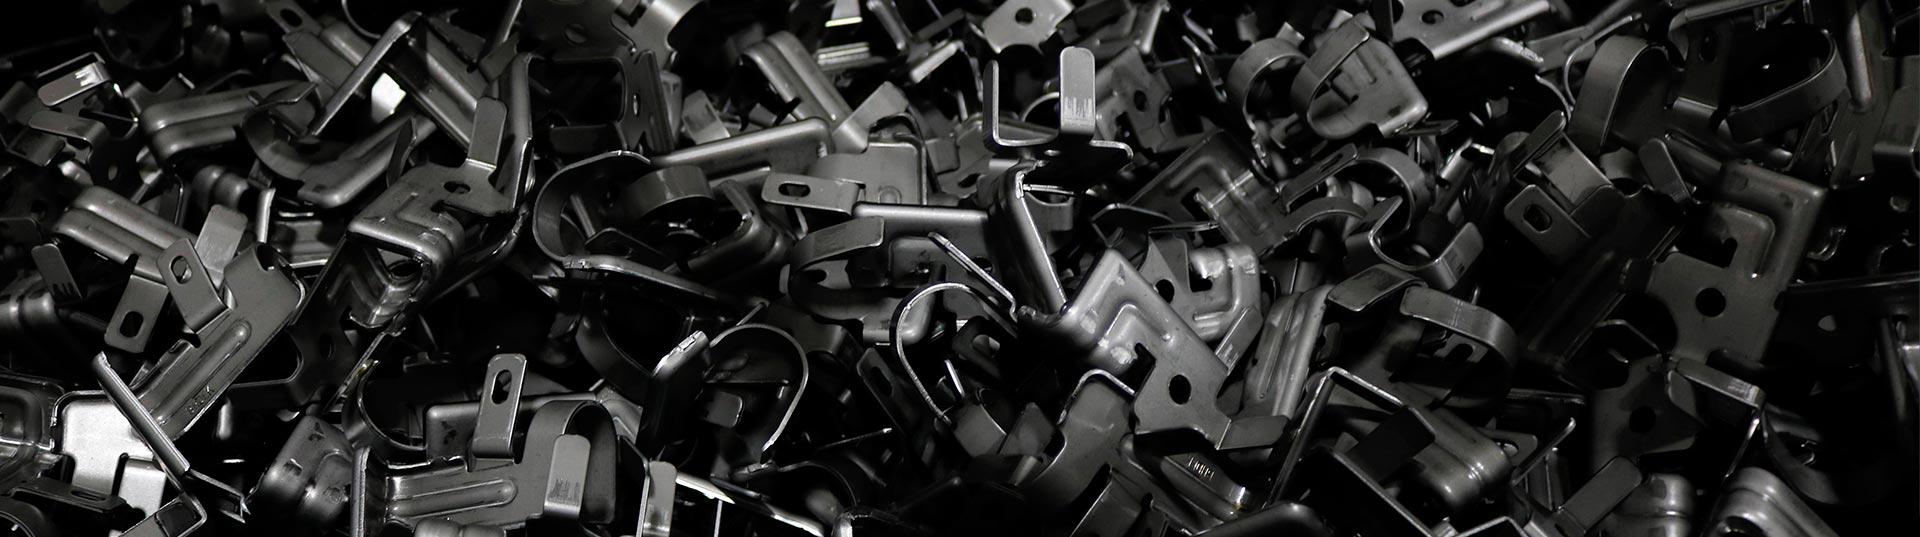 metalworks-slider-02-GT-Stamp-Ford-F250-F350-537x1920